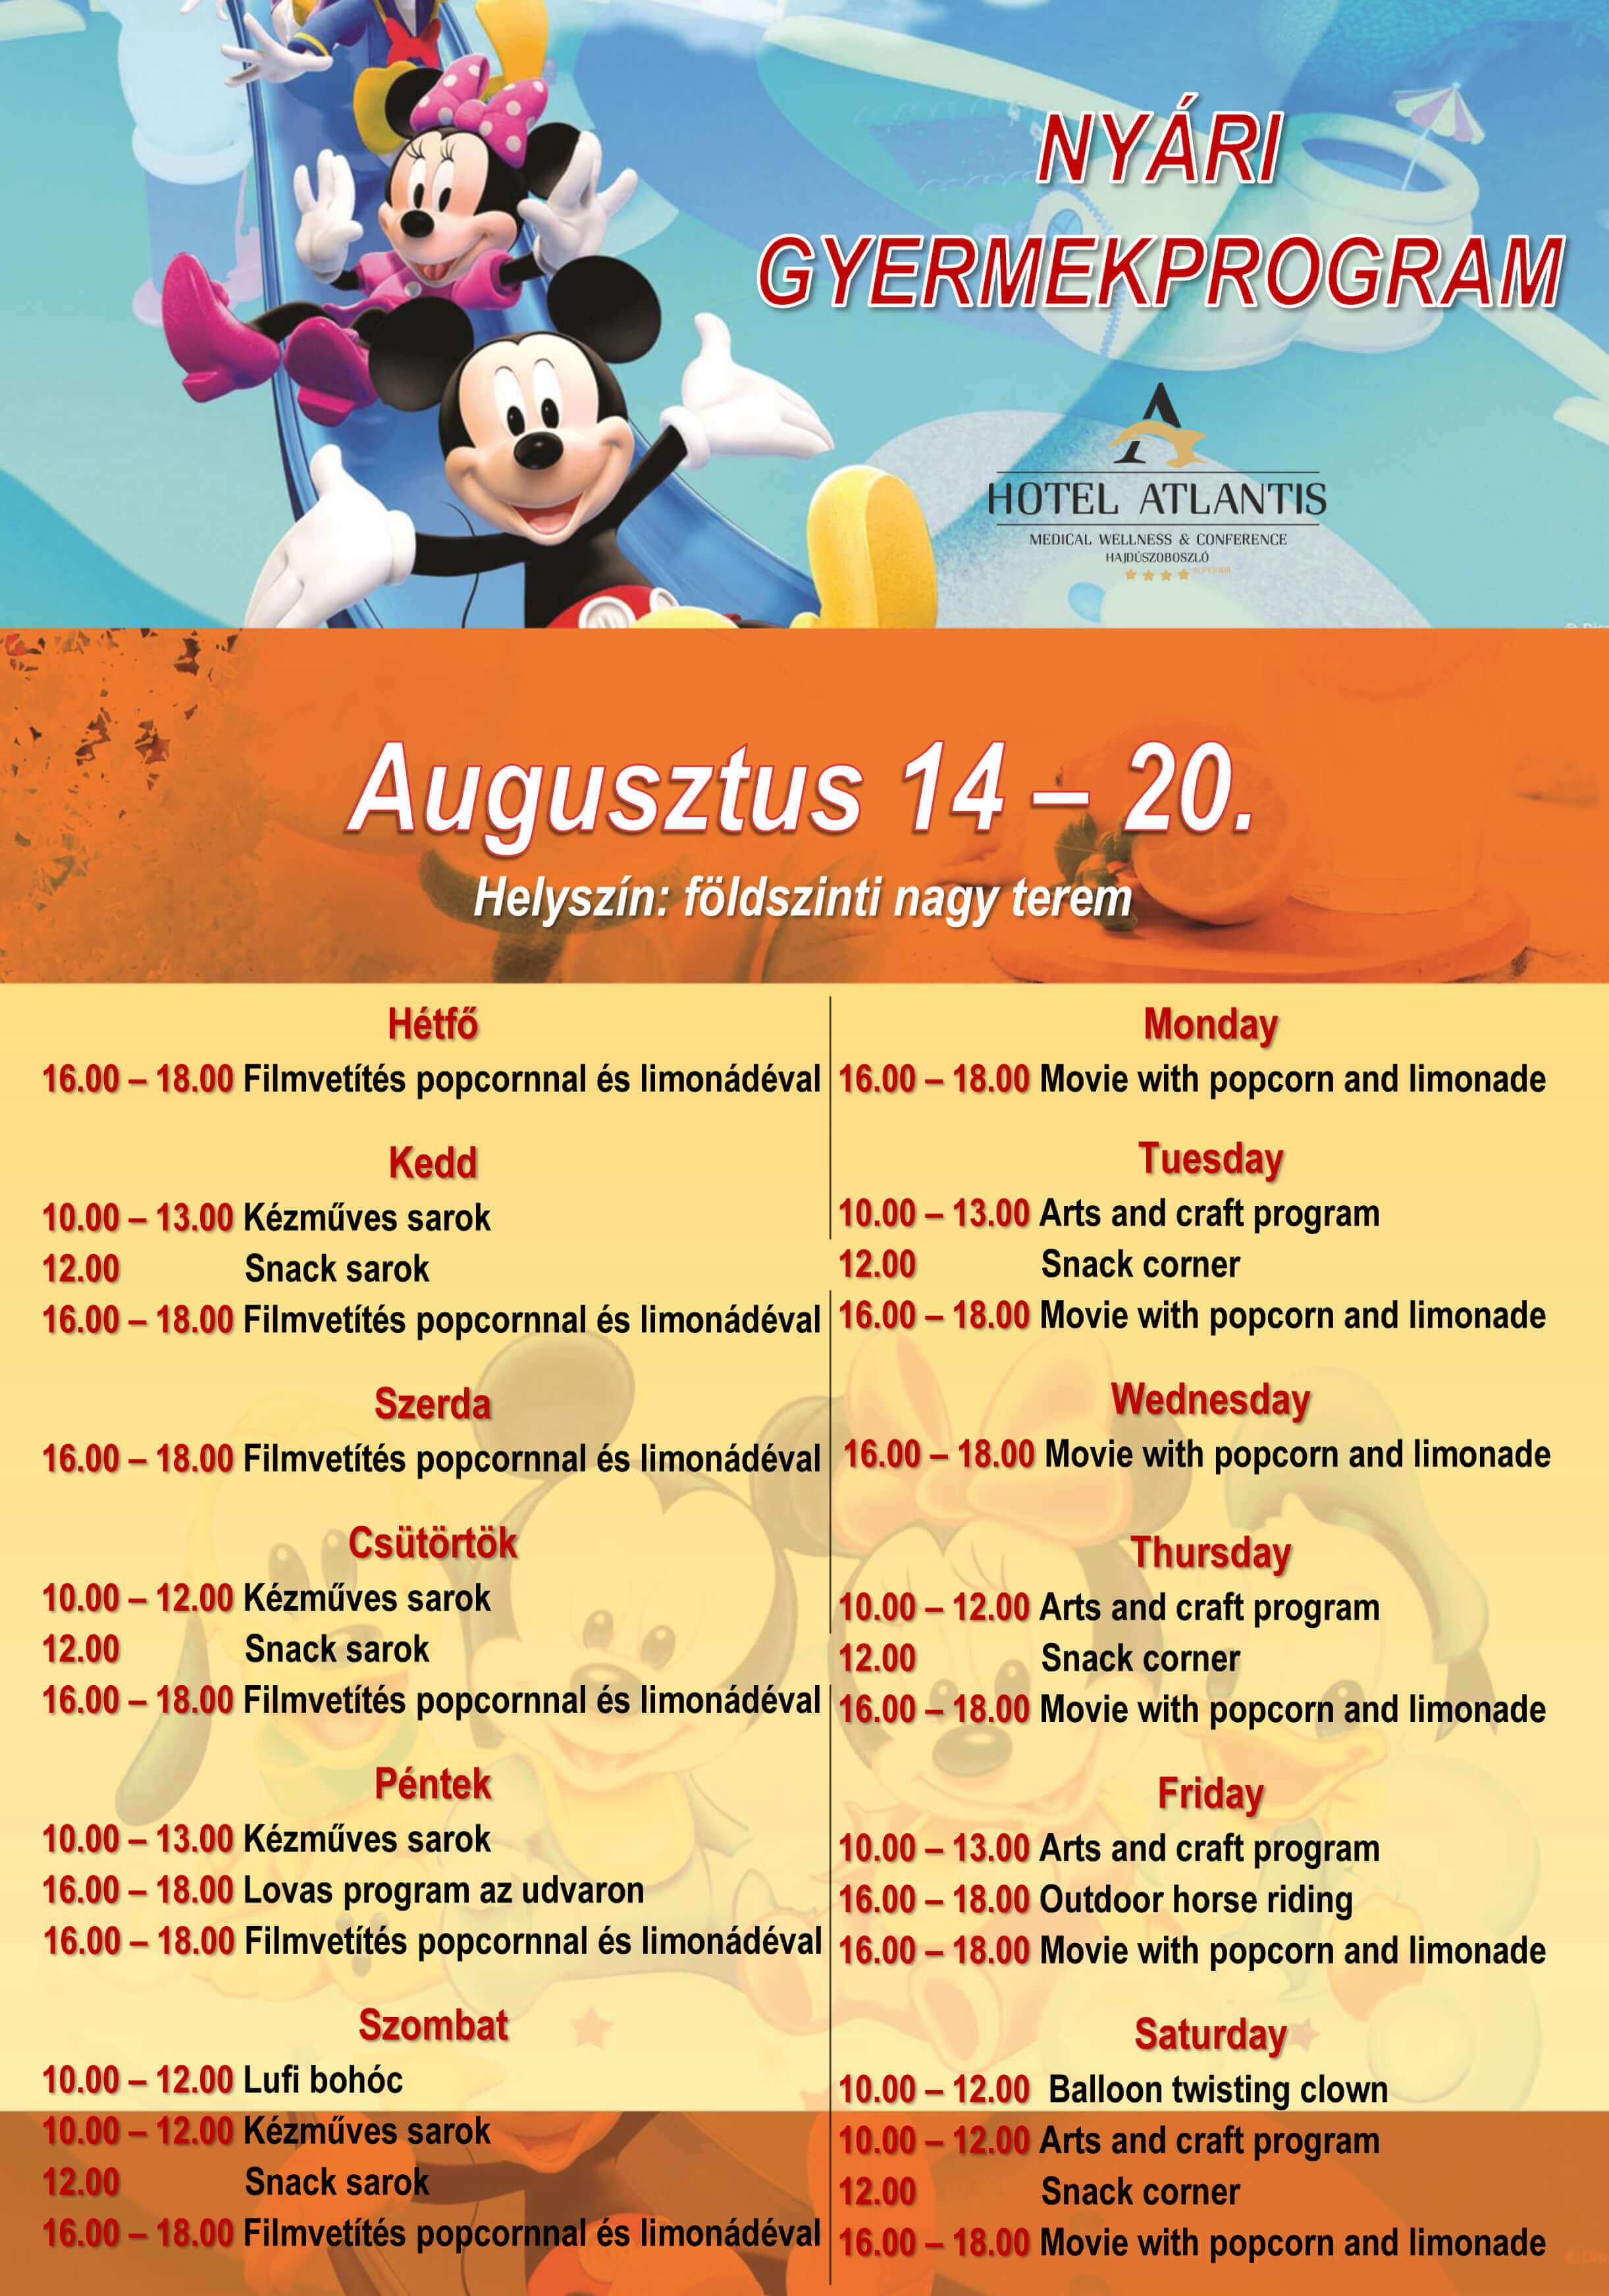 Nyári gyermekprogram | Summer child programmes | Hotel Atlantis